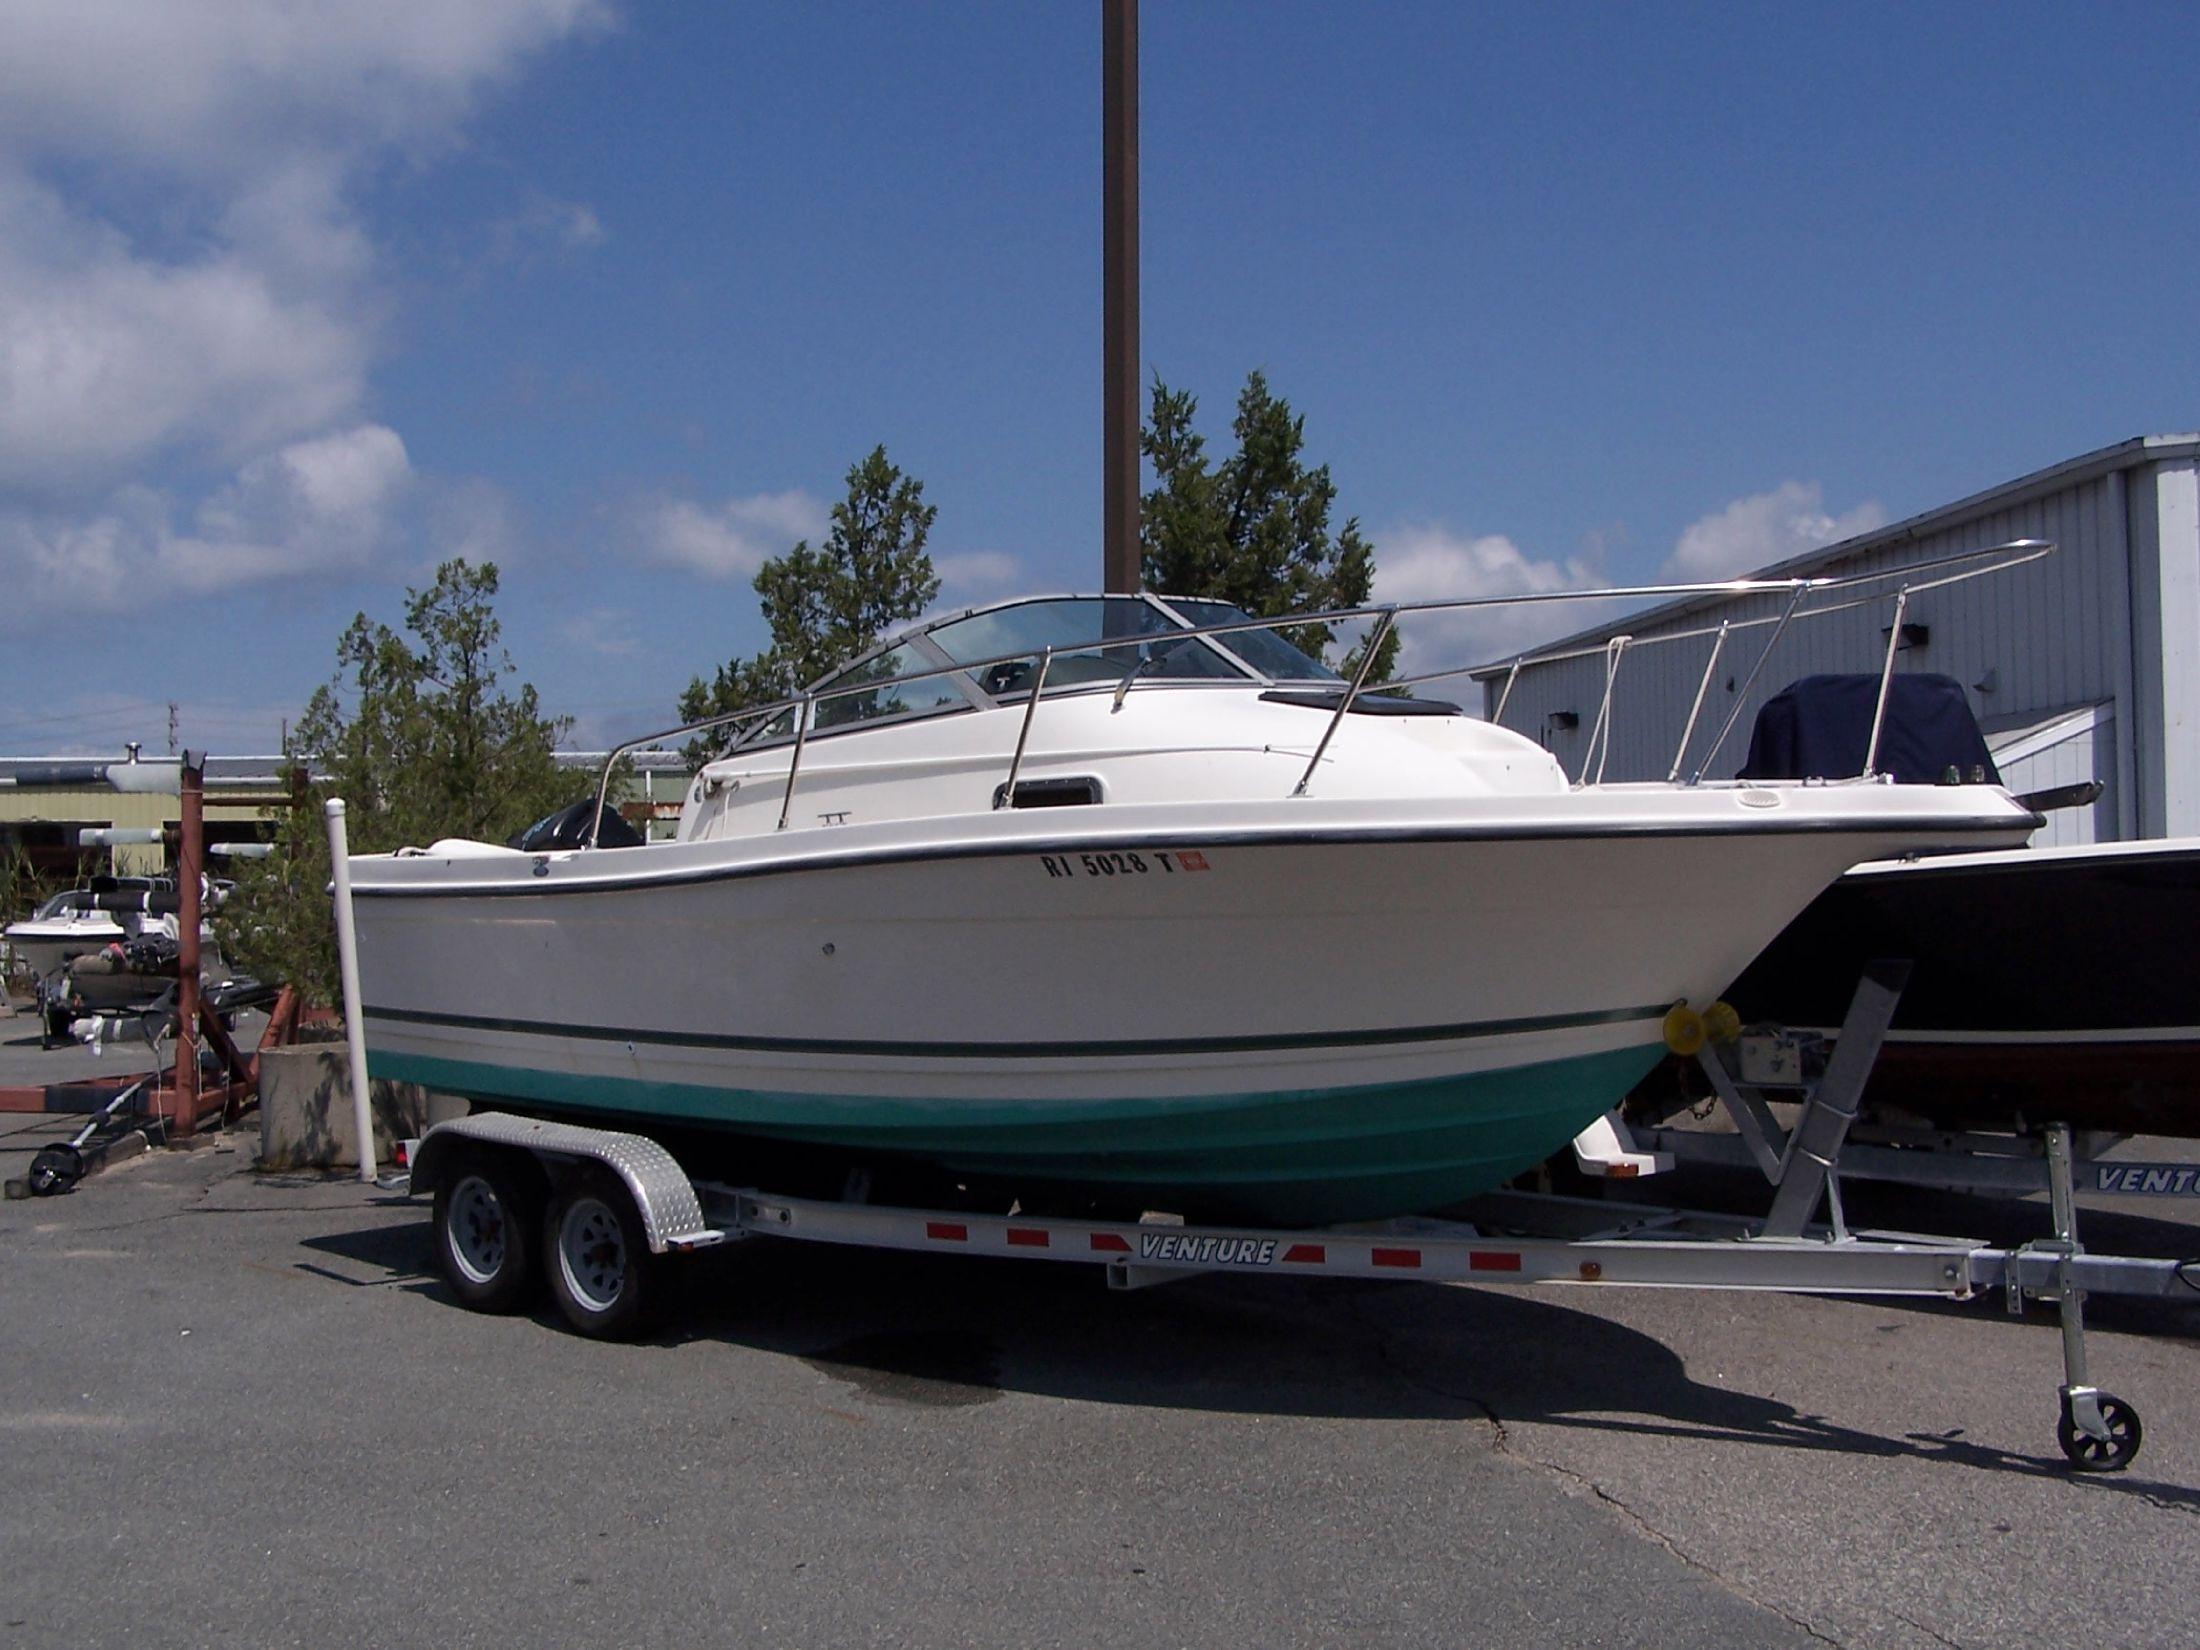 Bayliner Boat Listings In RI